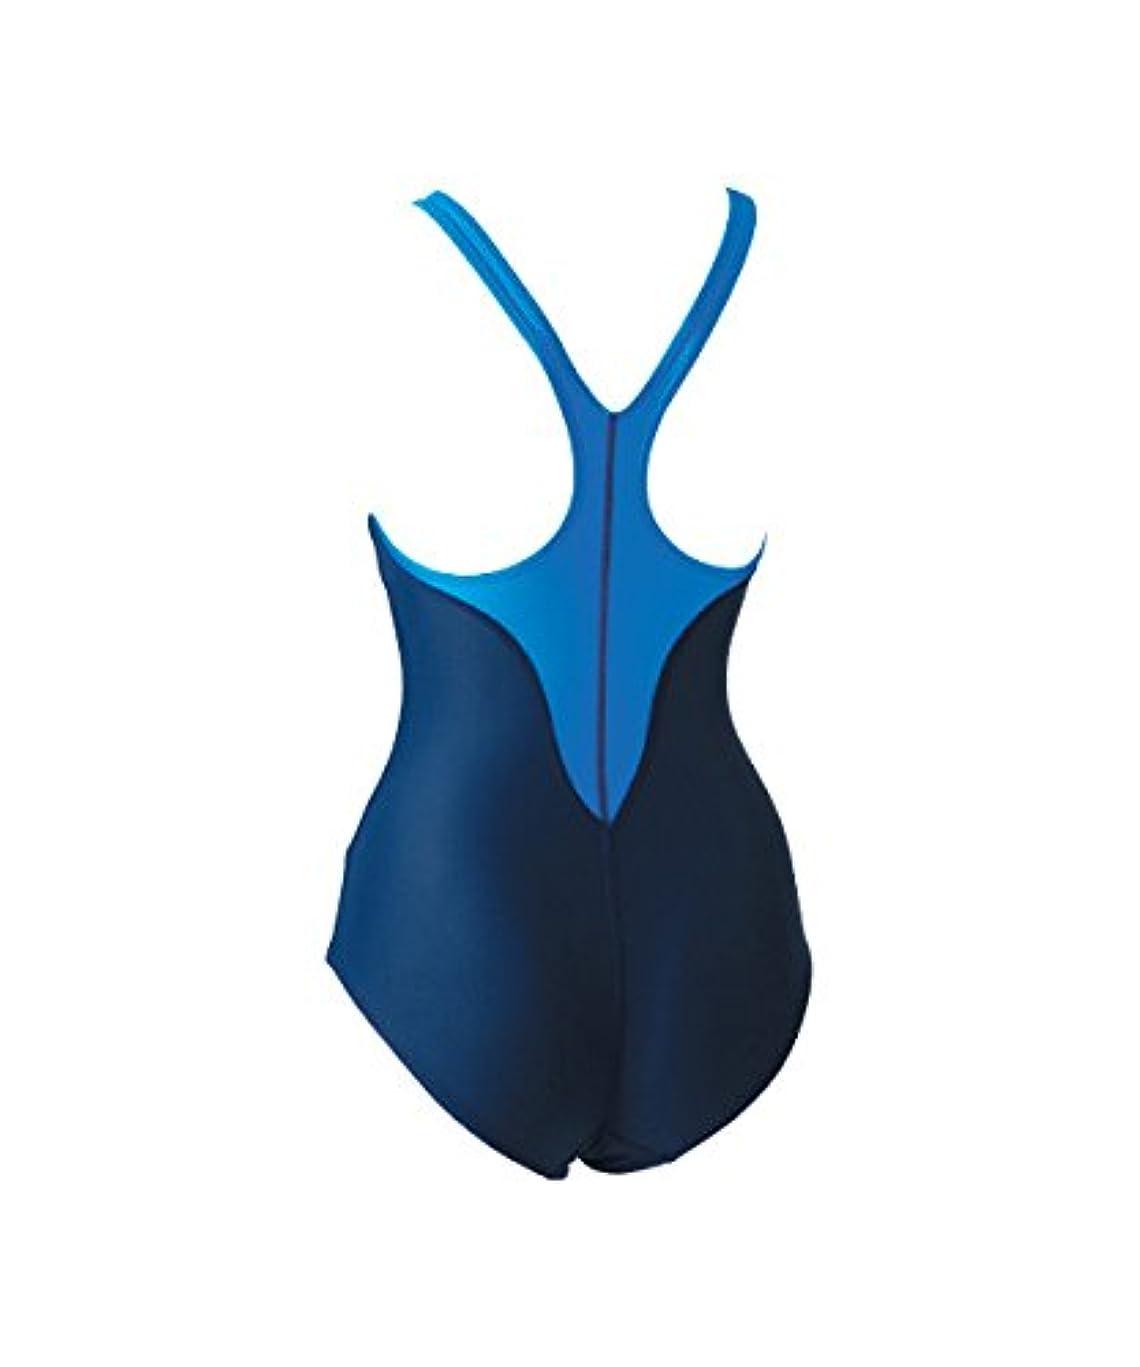 インフラ欠伸要求するFOOTMARK(フットマーク) レディース フィットネス スクール水着 ワンピース アクアライン 101530 ブルー(10) LL